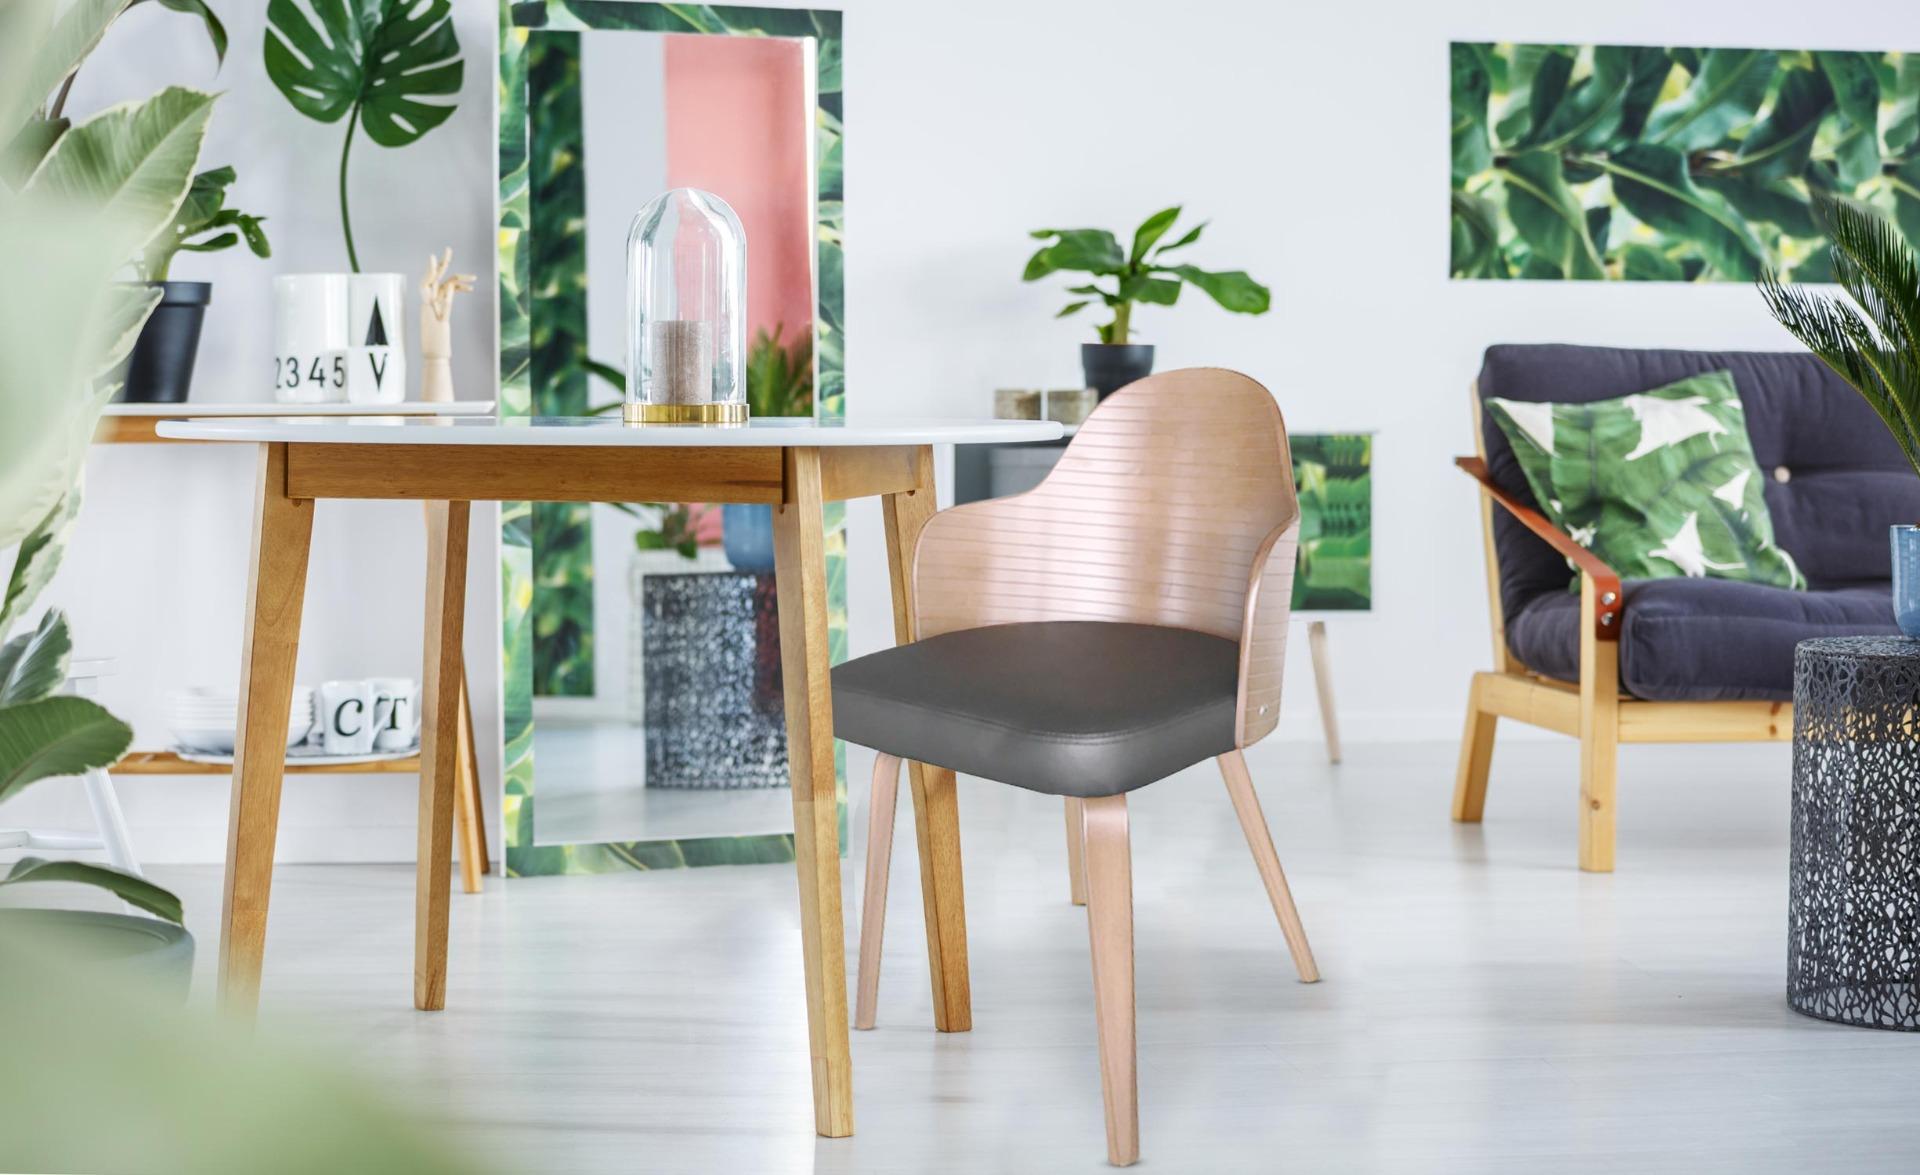 Lot de 2 chaises scandinaves Falbala Vintage et Gris